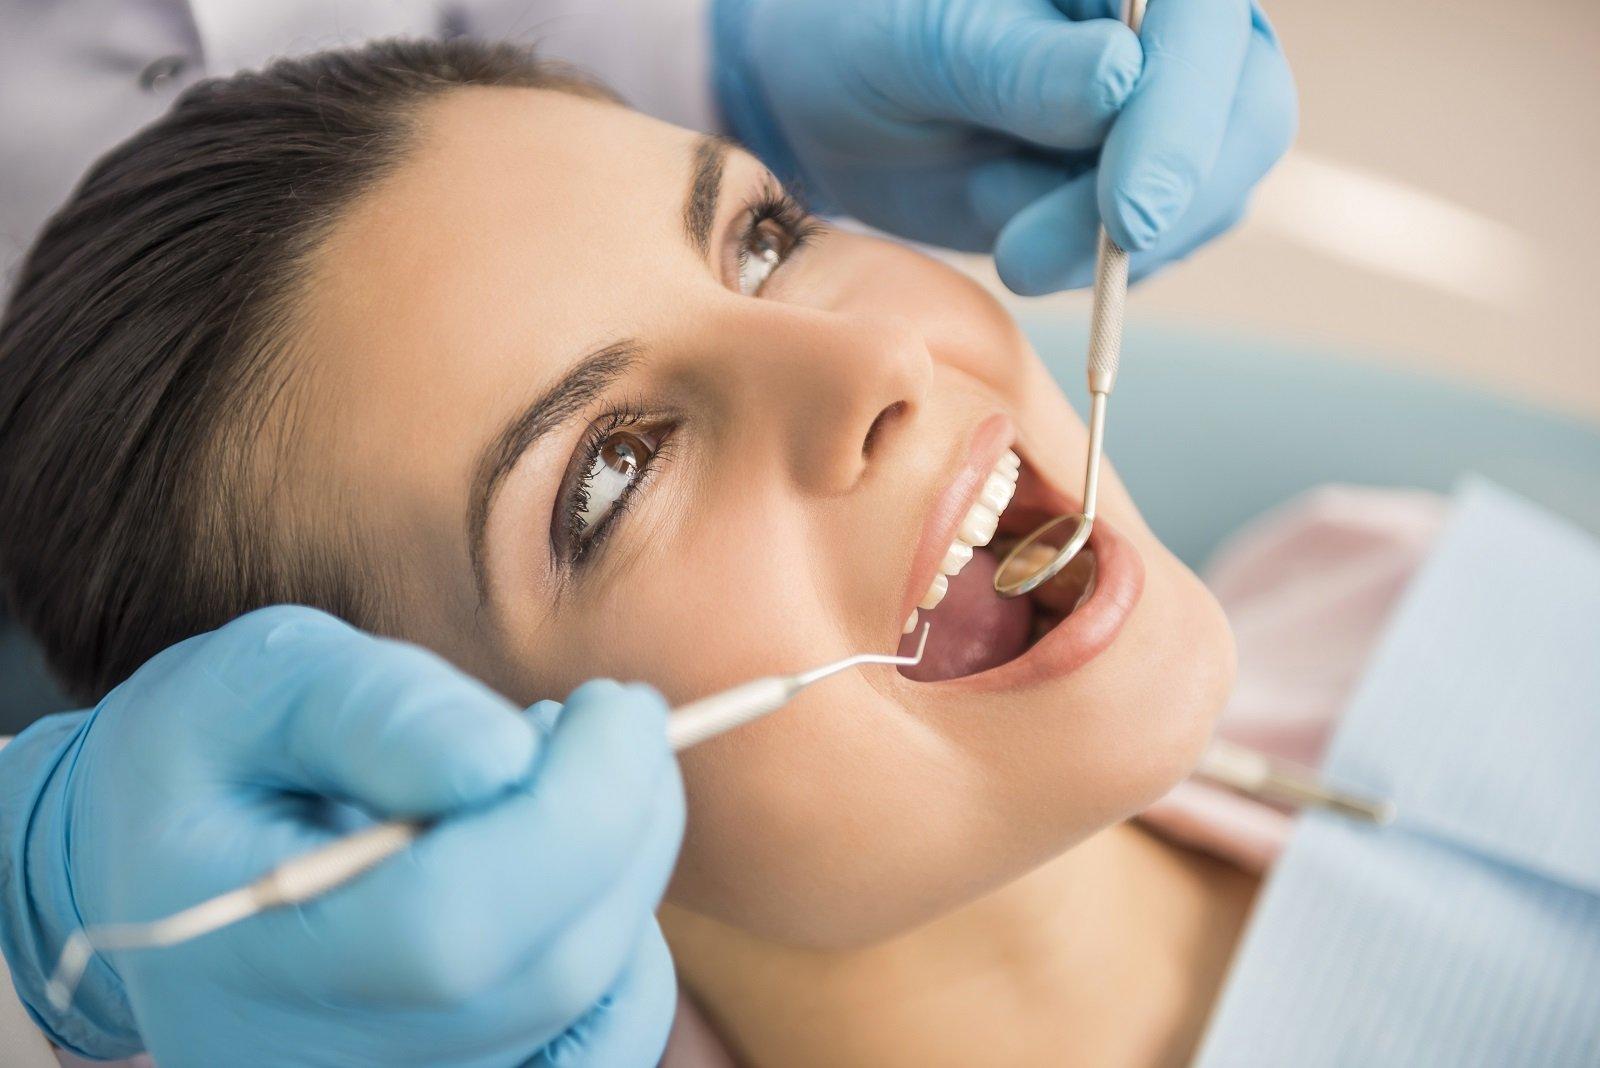 Controllo dentisticopresso Studio Dentistico Graziani a Faenza